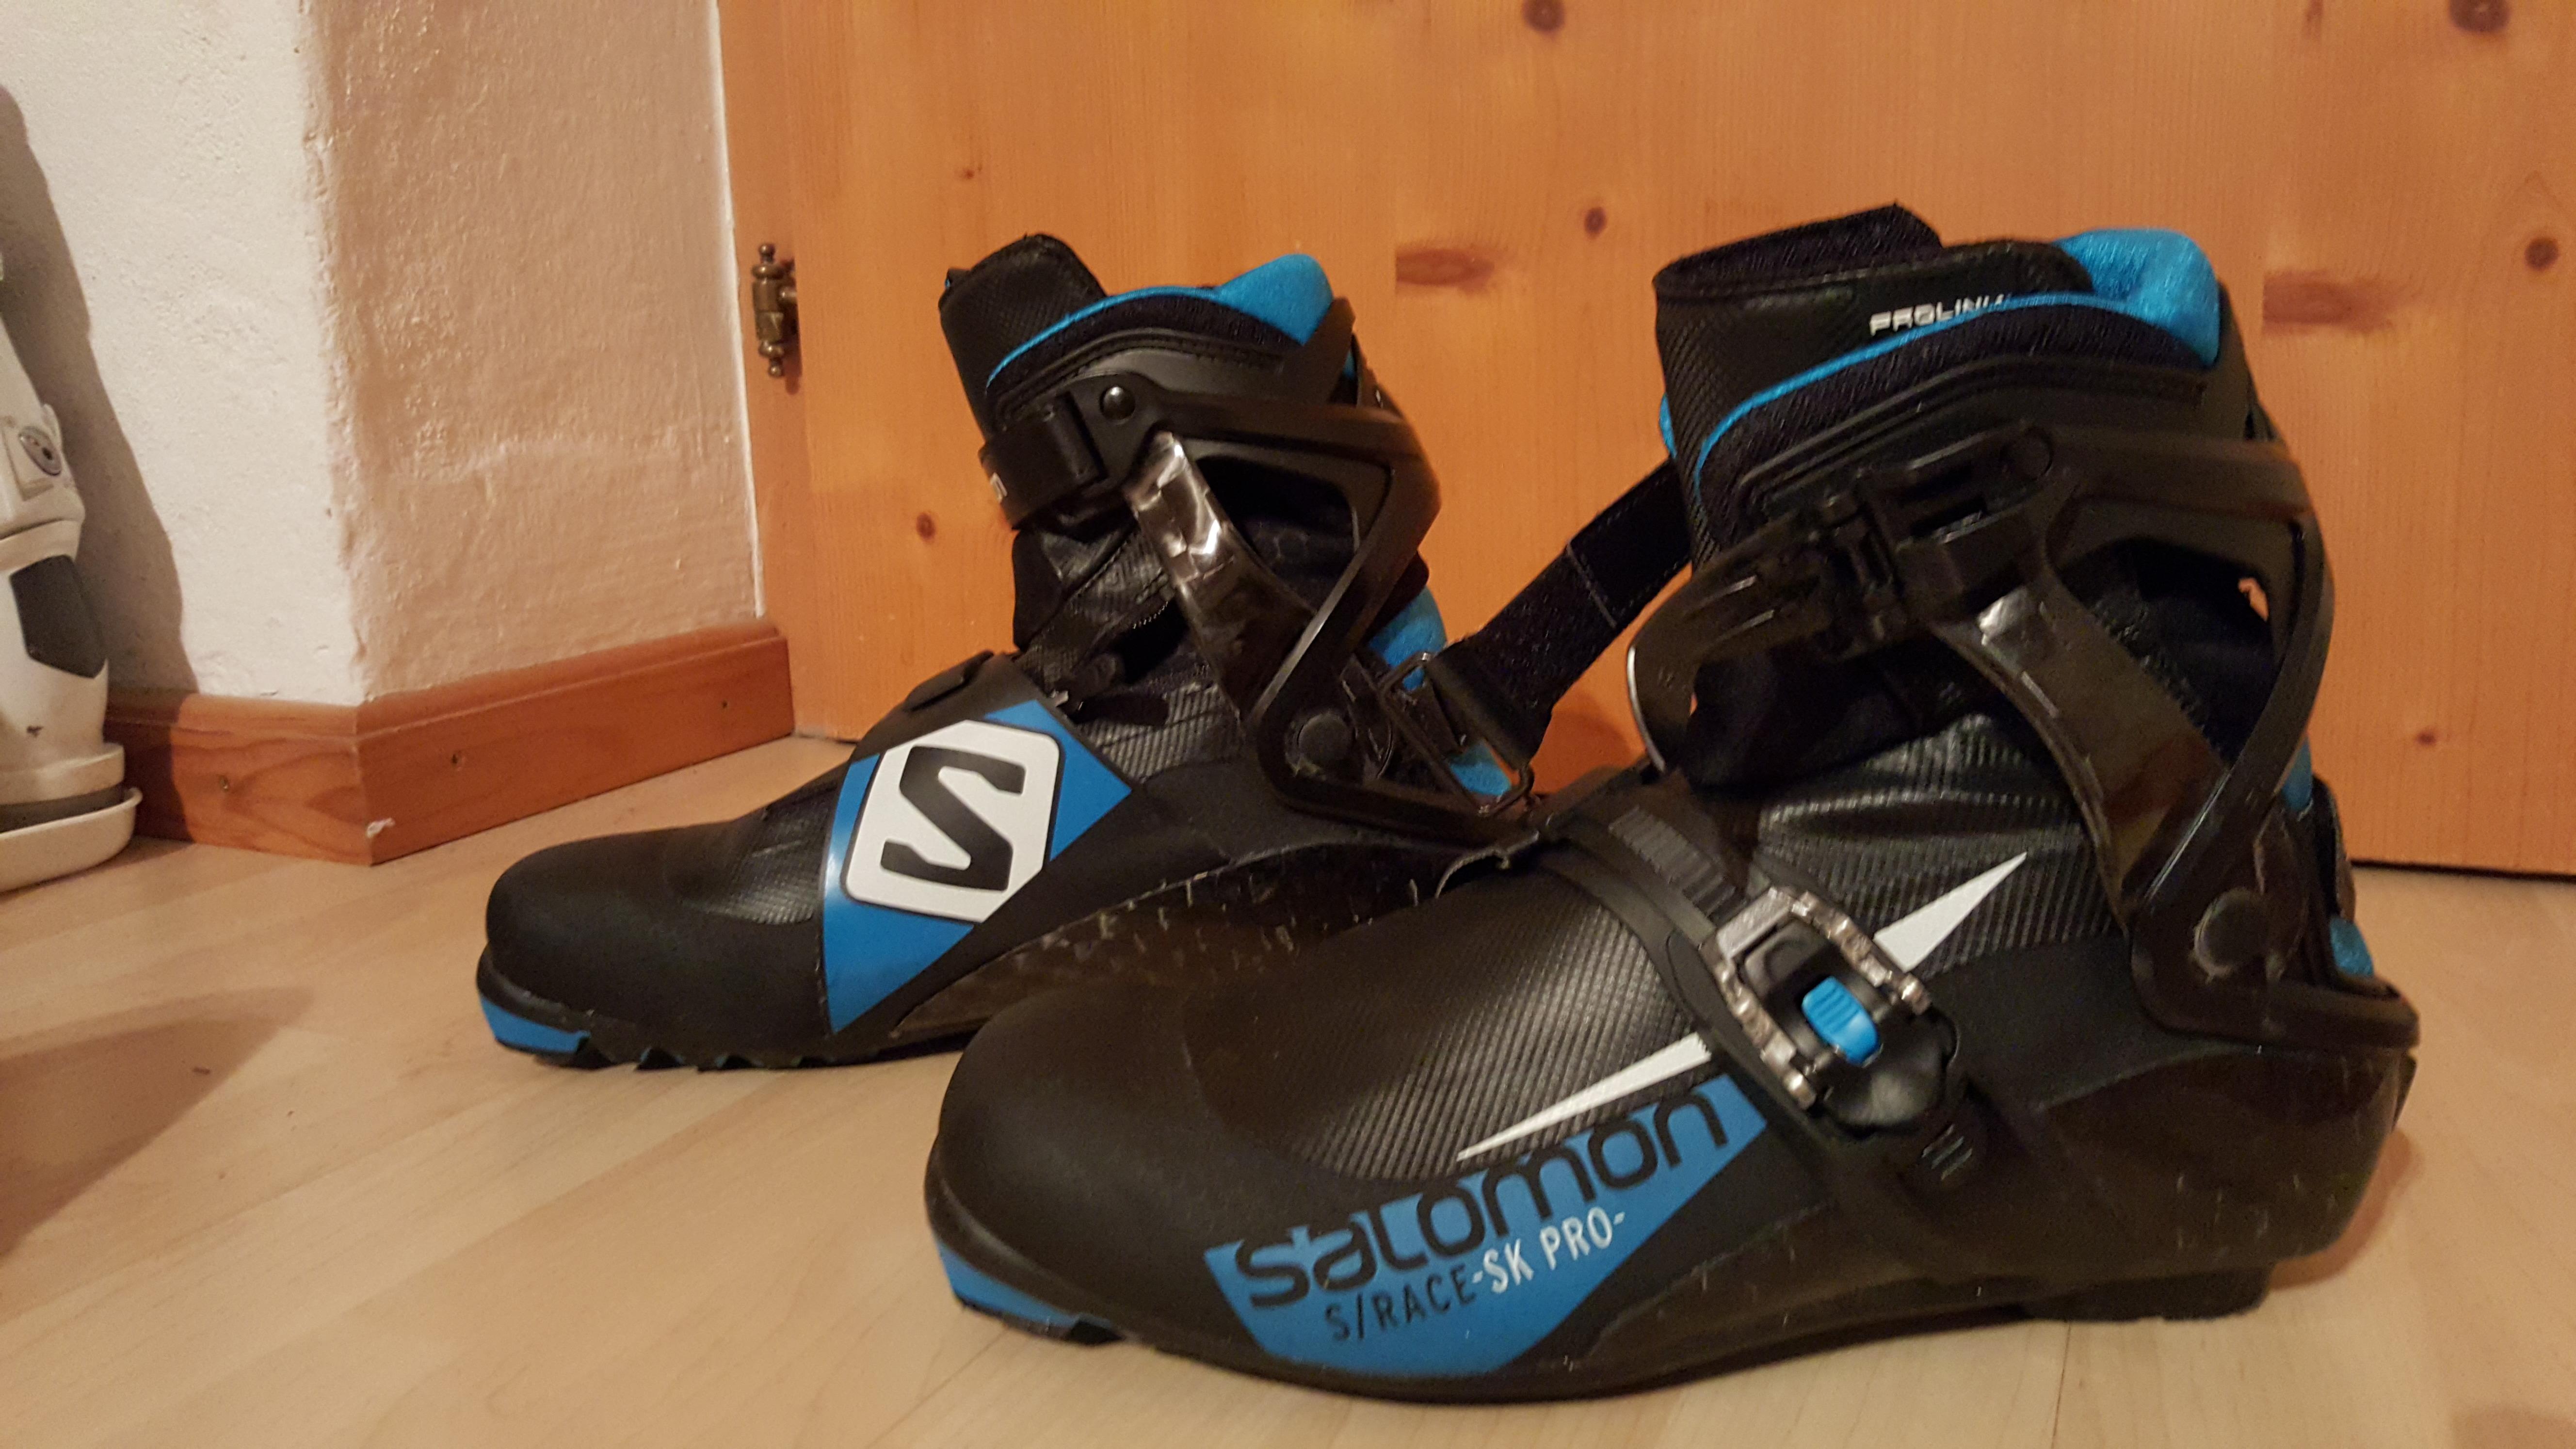 Závodní boty na skate SALOMON - Bazar - Běžky.net 26a4984b52